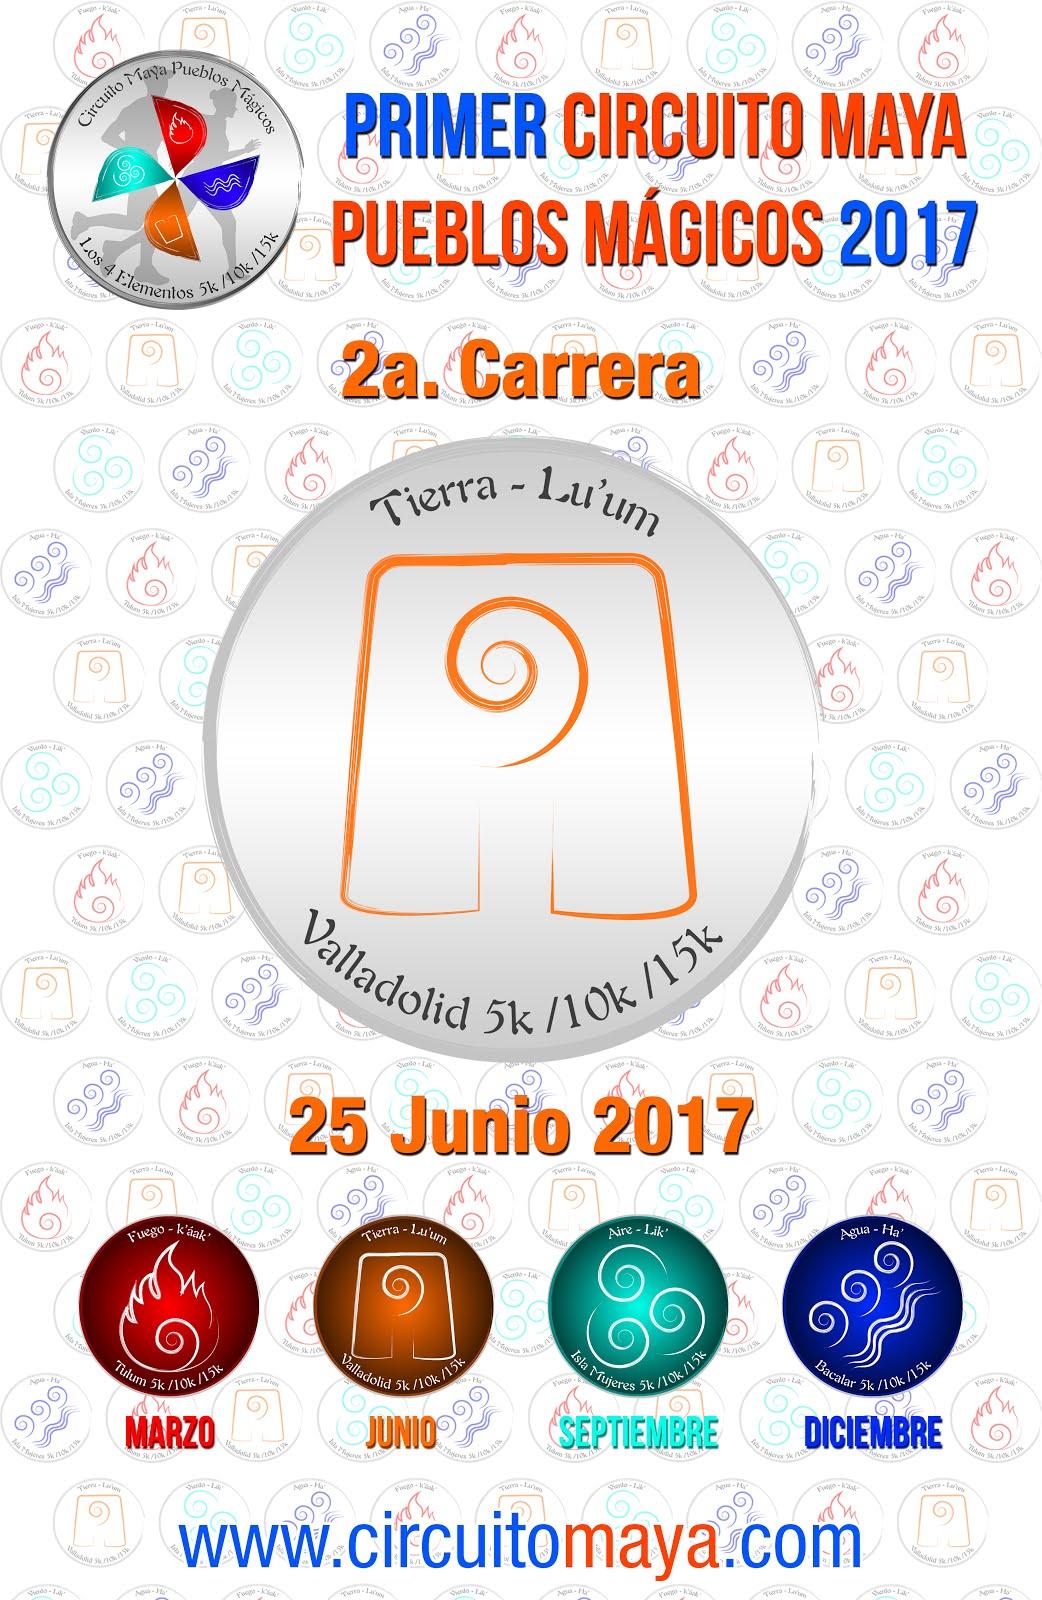 Primer Circuito Maya Pueblos Mágicos 2017